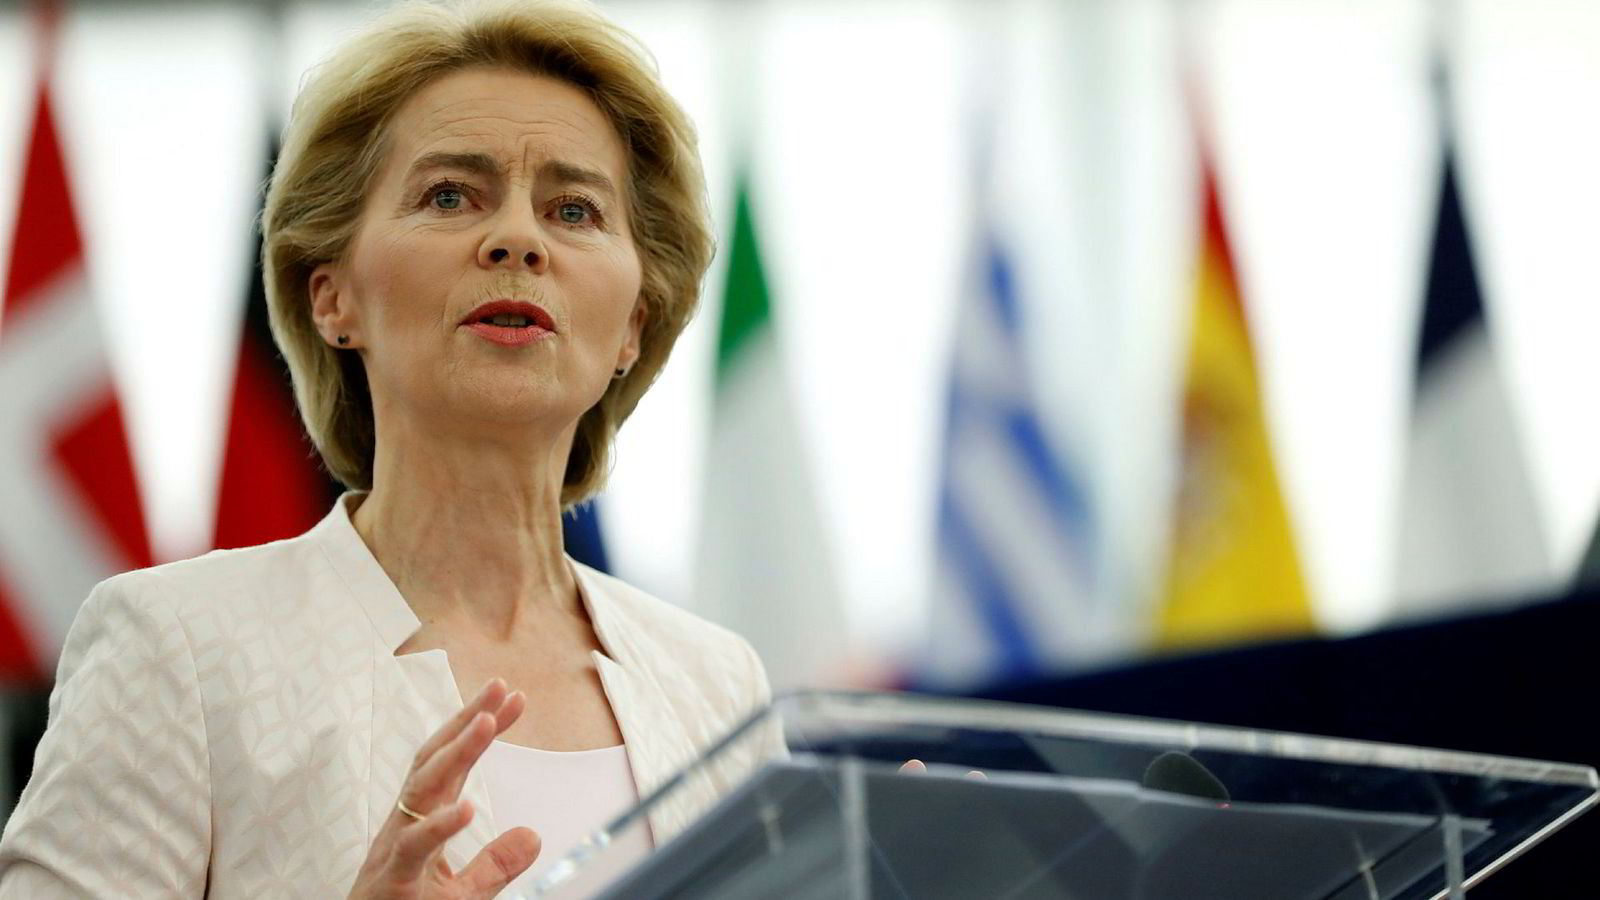 Ursula von der Leyen talte til EU-parlamentet i Strasbourg, før medlemmene skal stemme over hennes kandidatur som ny president for EU-kommisjonen.